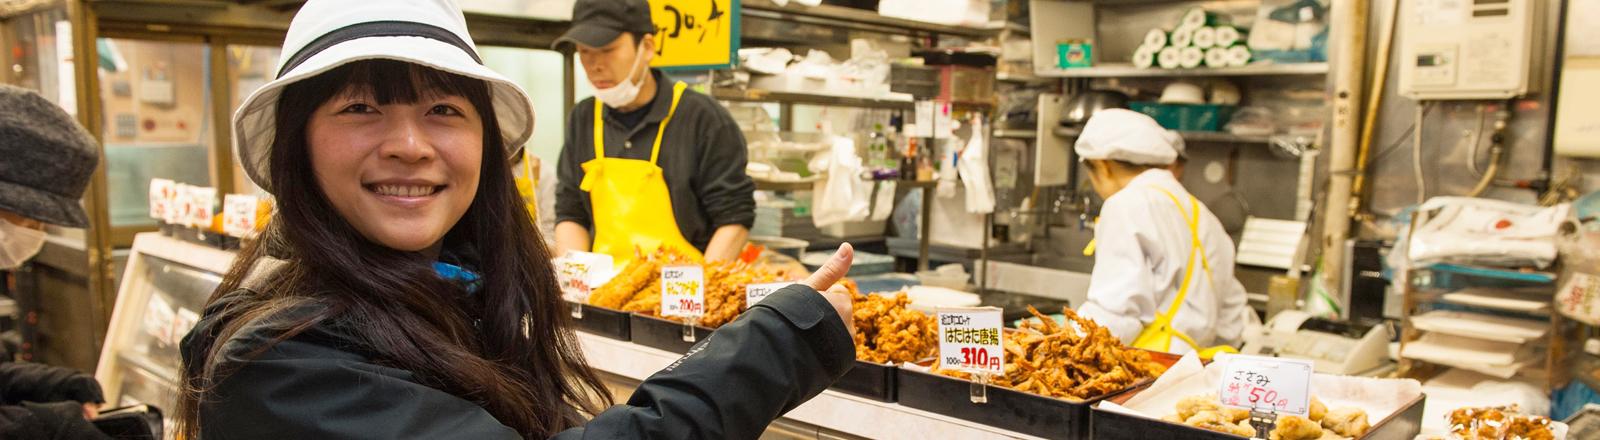 Bloggerin Qiun Xie-Krieger auf einer kulinarischen Reise.